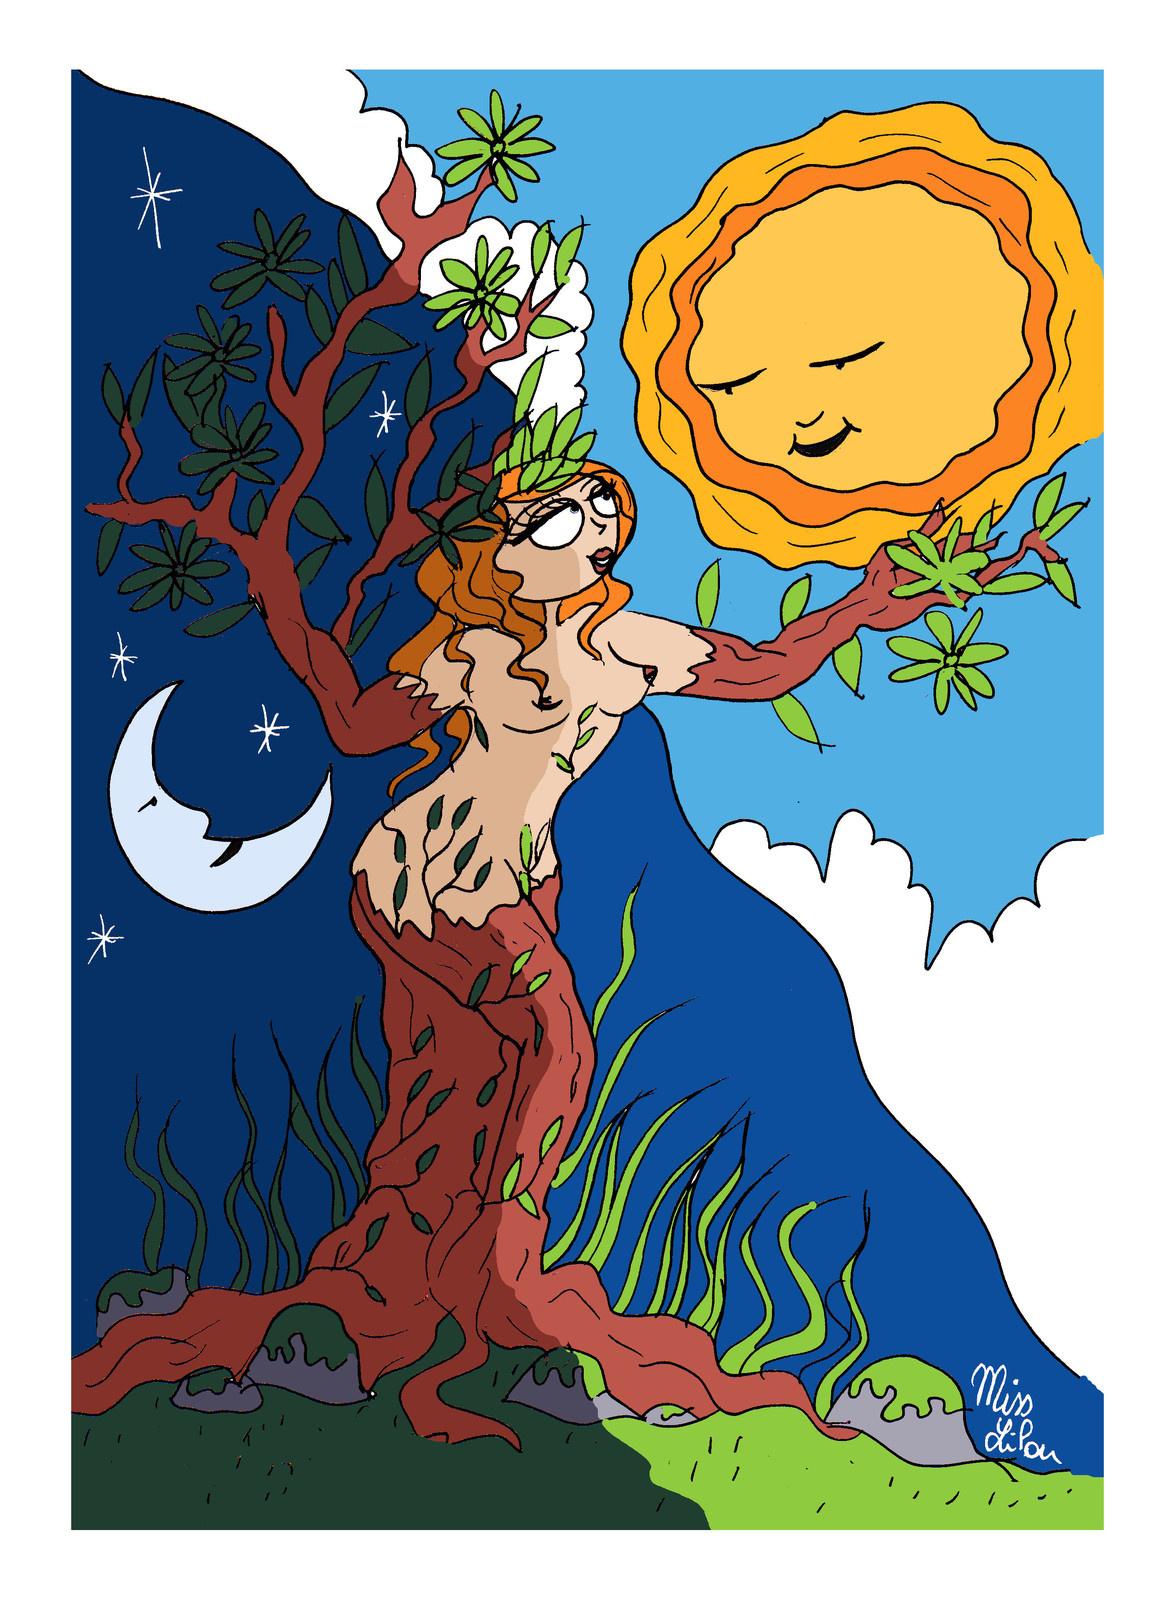 dessin symbolisant l'arrivée du printemps et le réveil de Dame Nature